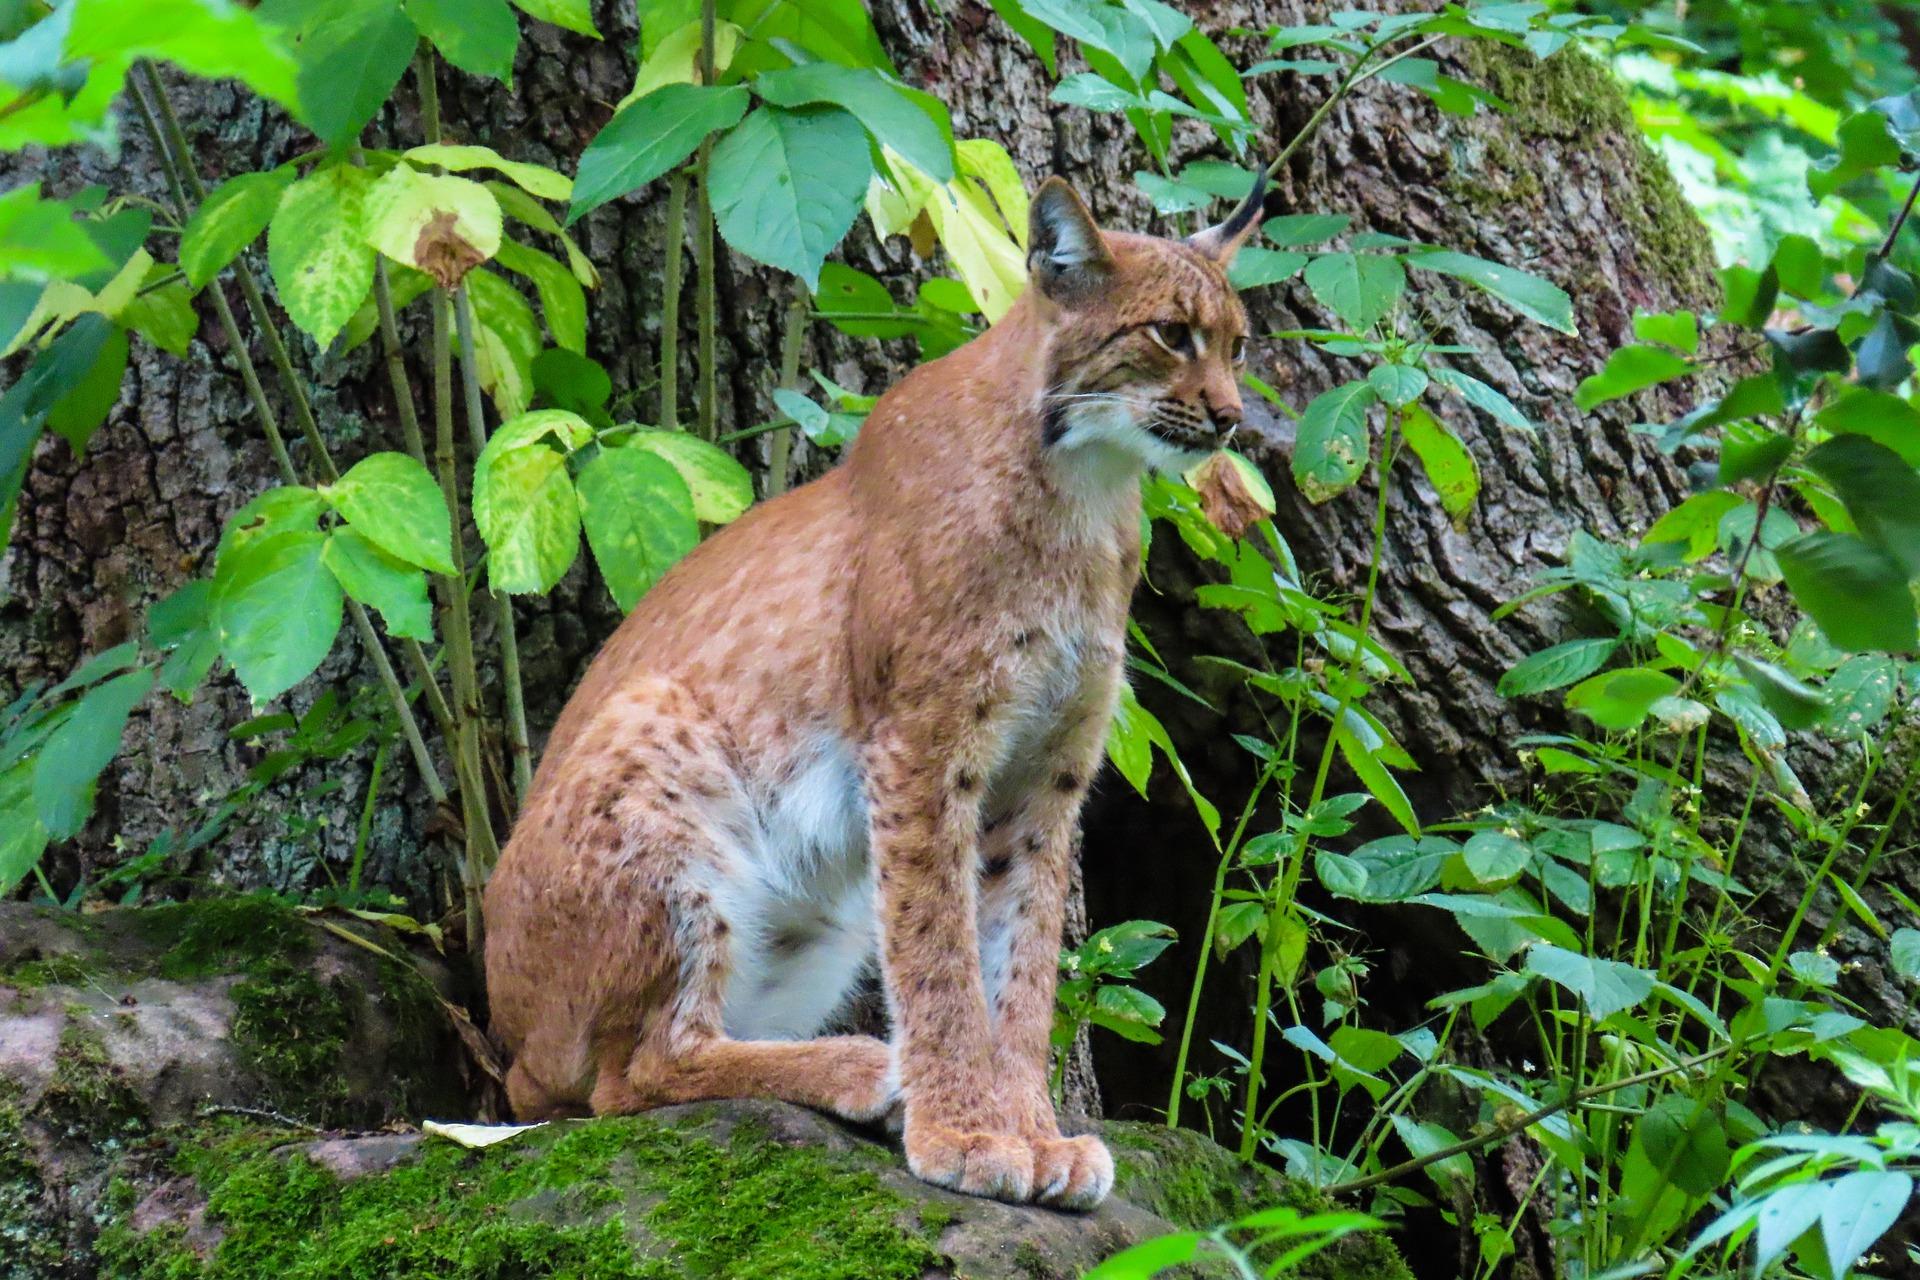 Luchse - heimliche Waldbewohner in Österreich, jagdfakten.at informiert